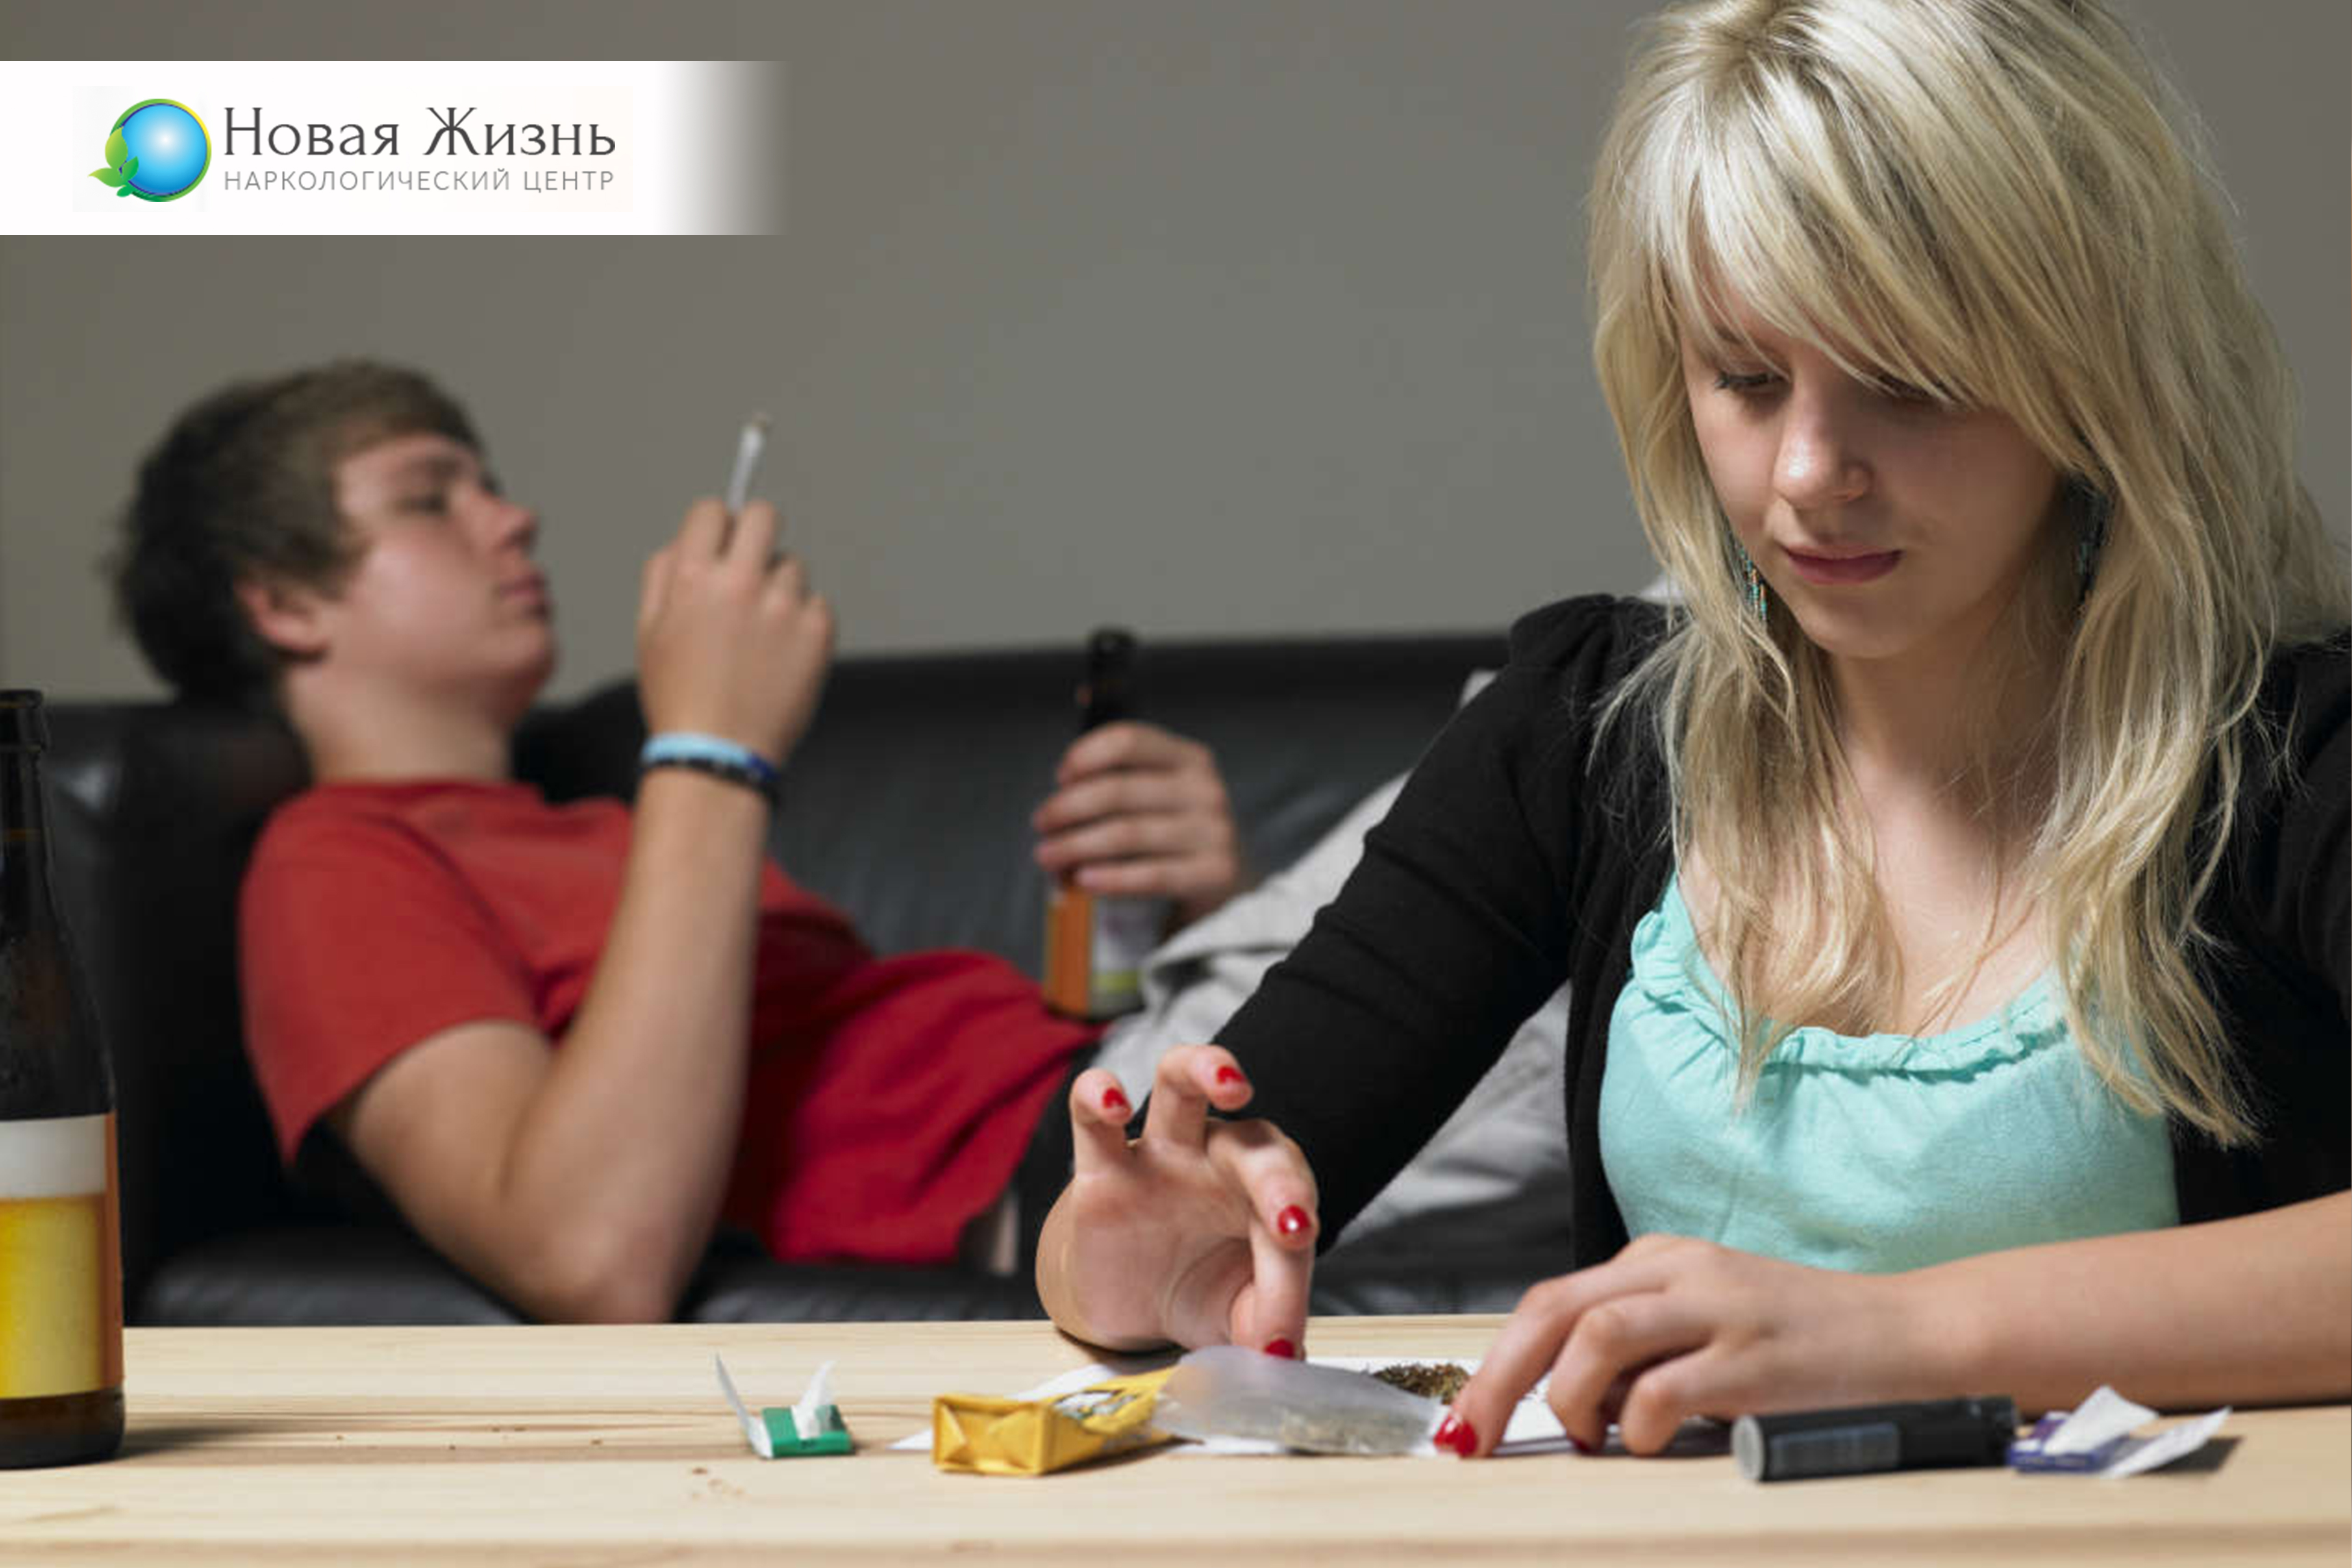 Особливості розвитку наркозалежності у підлітків